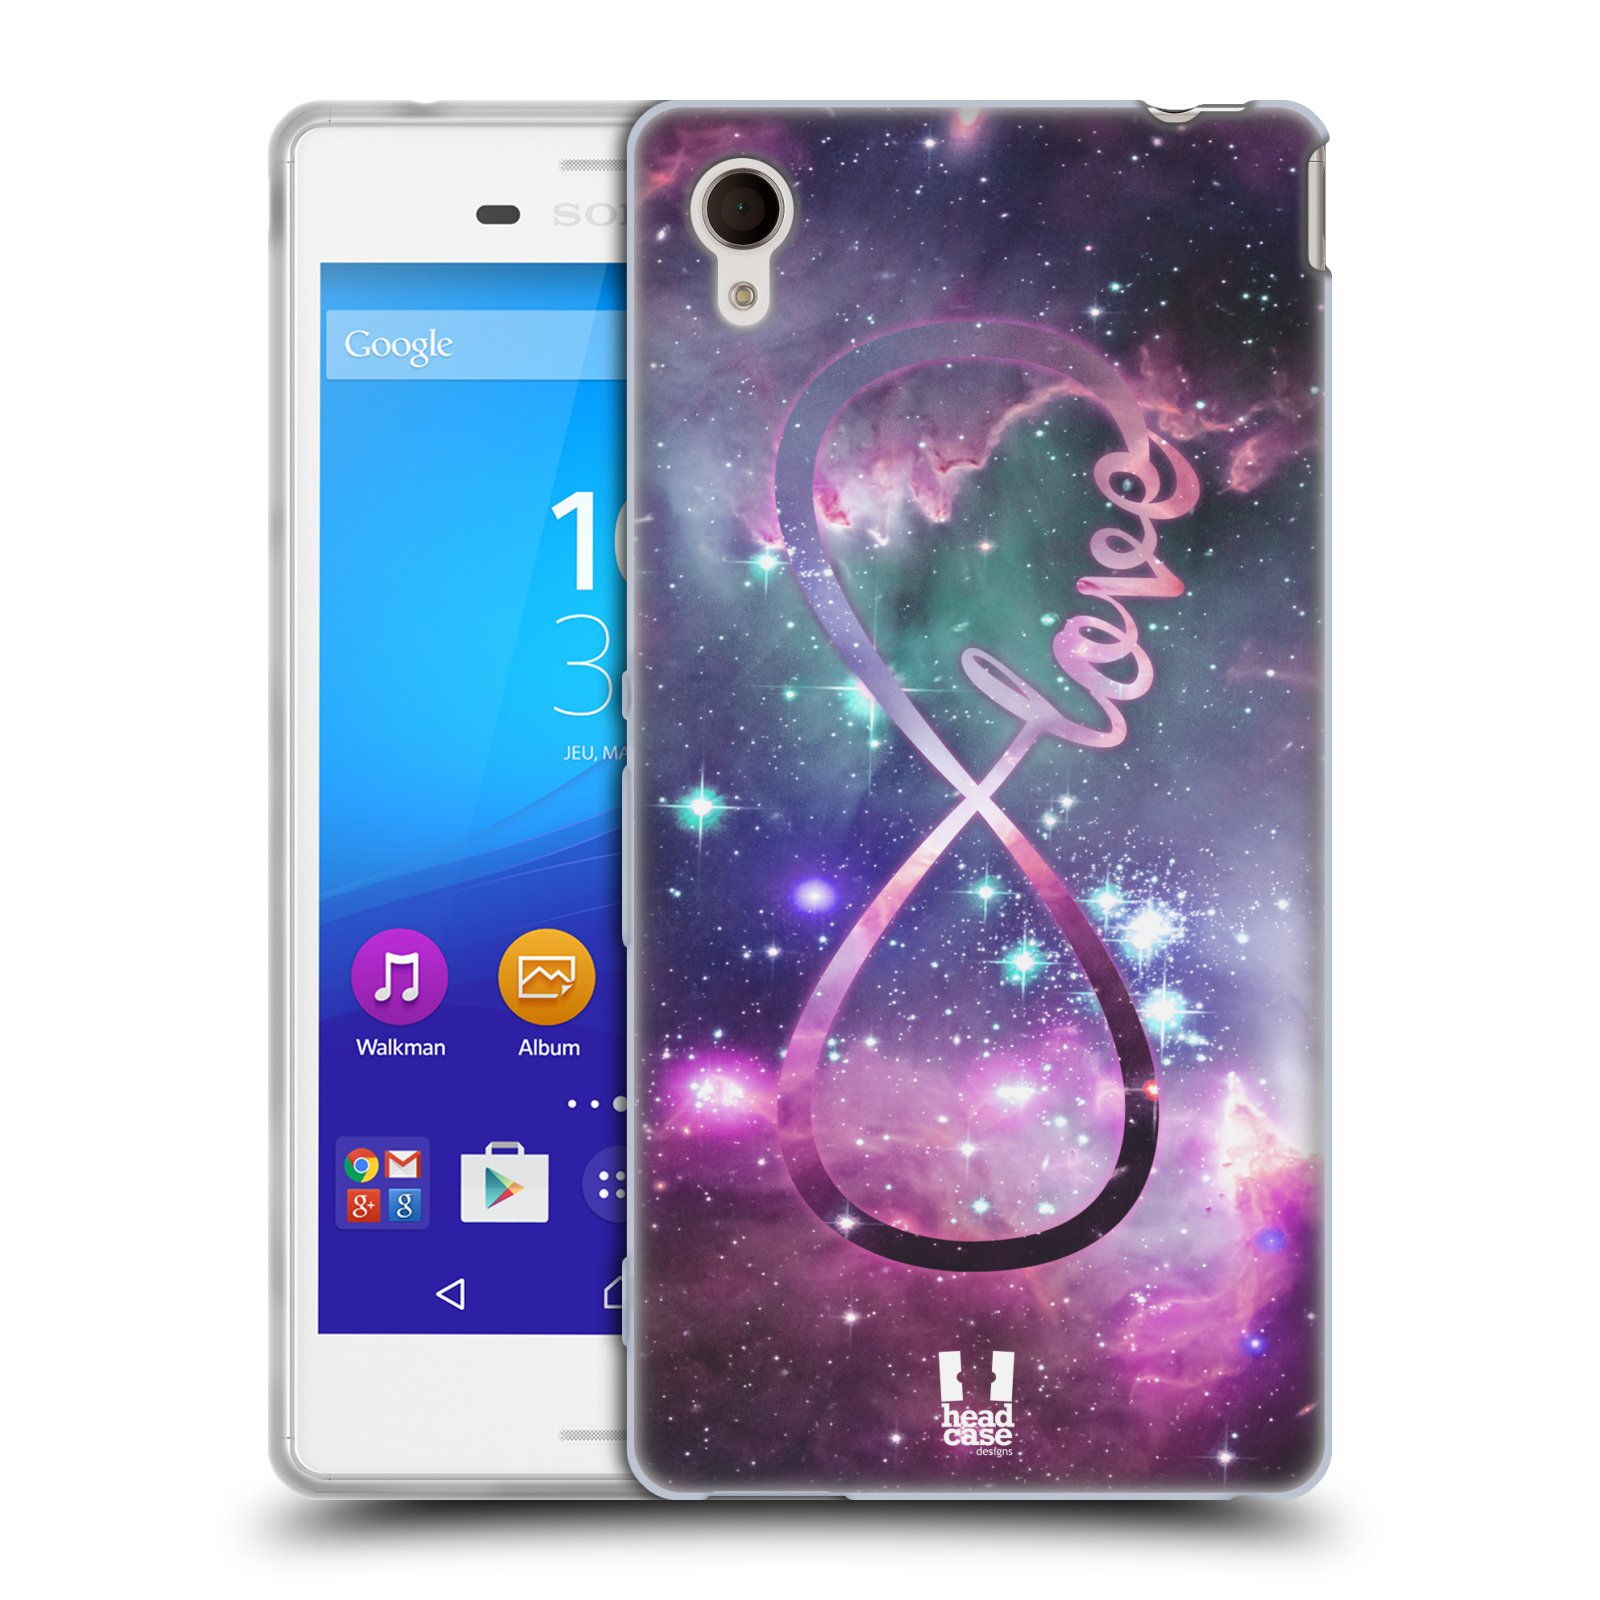 Silikonové pouzdro na mobil Sony Xperia M4 Aqua E2303 HEAD CASE NEKONEČNÁ LÁSKA